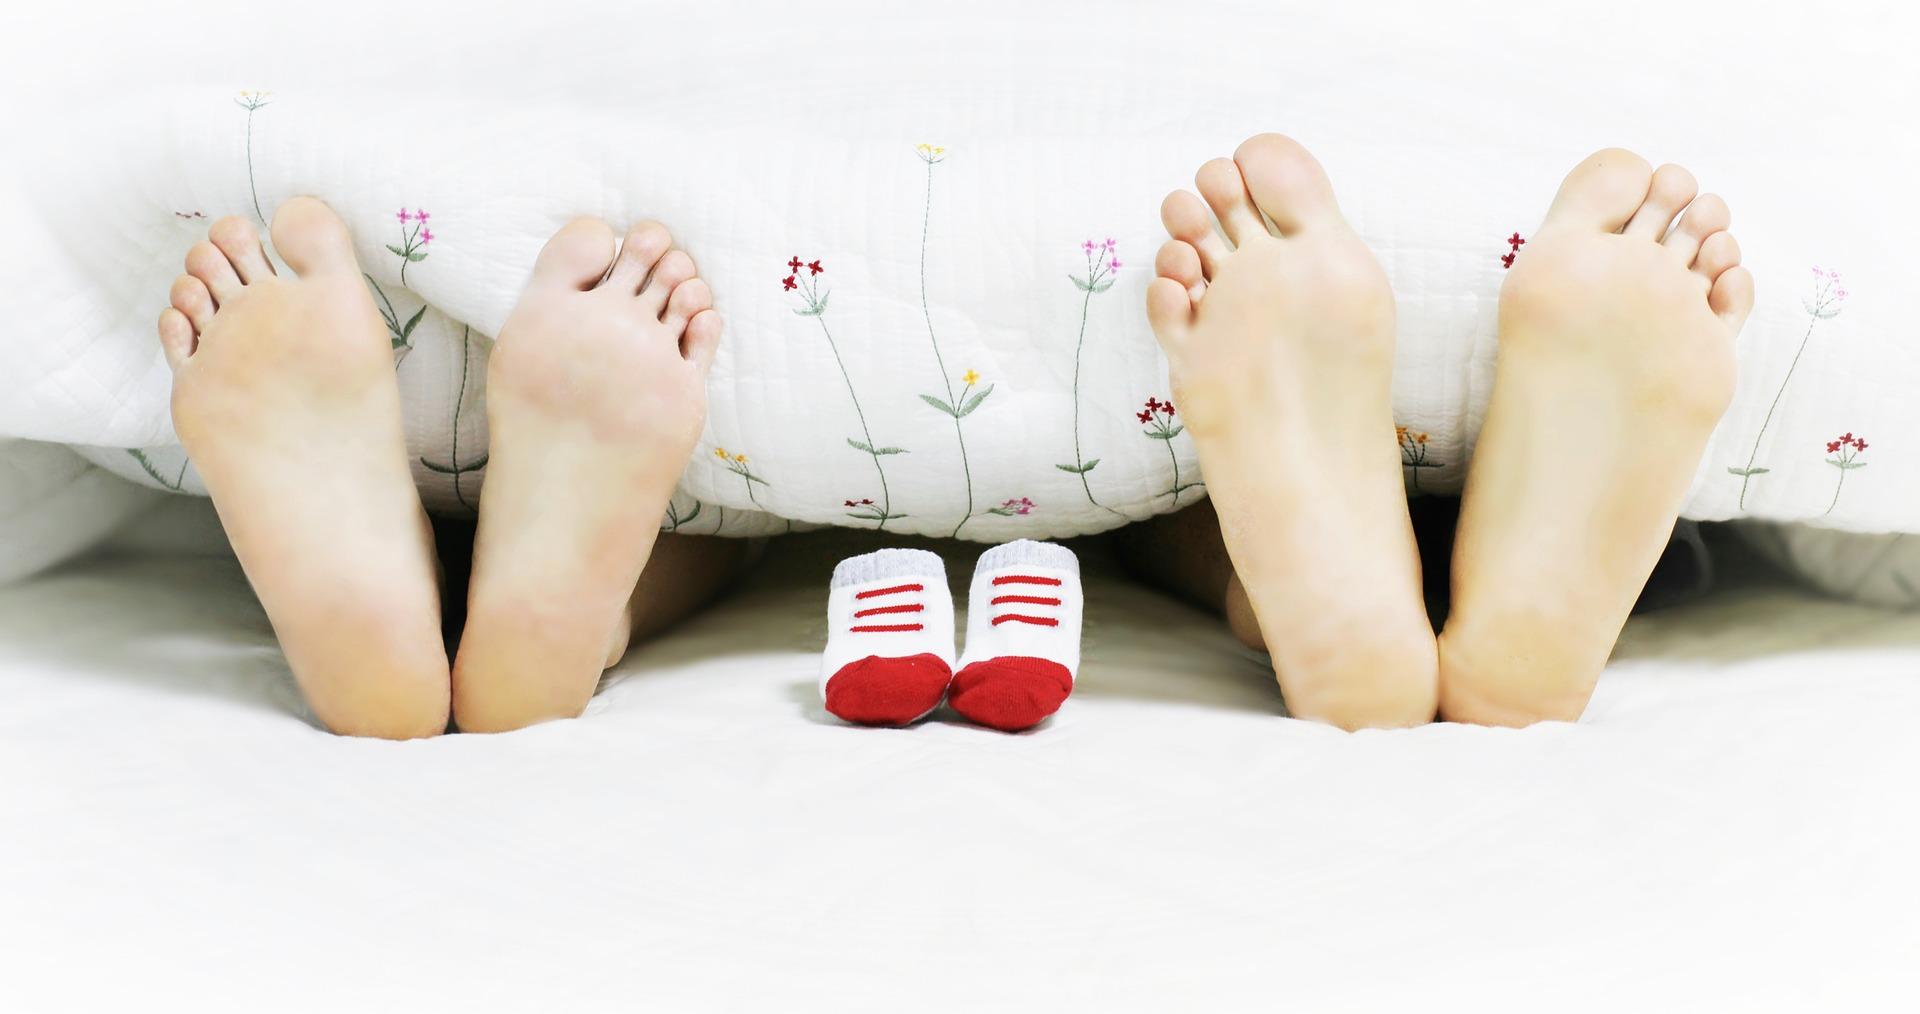 妊娠前の準備とは?妊娠前に女性が準備すべき6つのこと